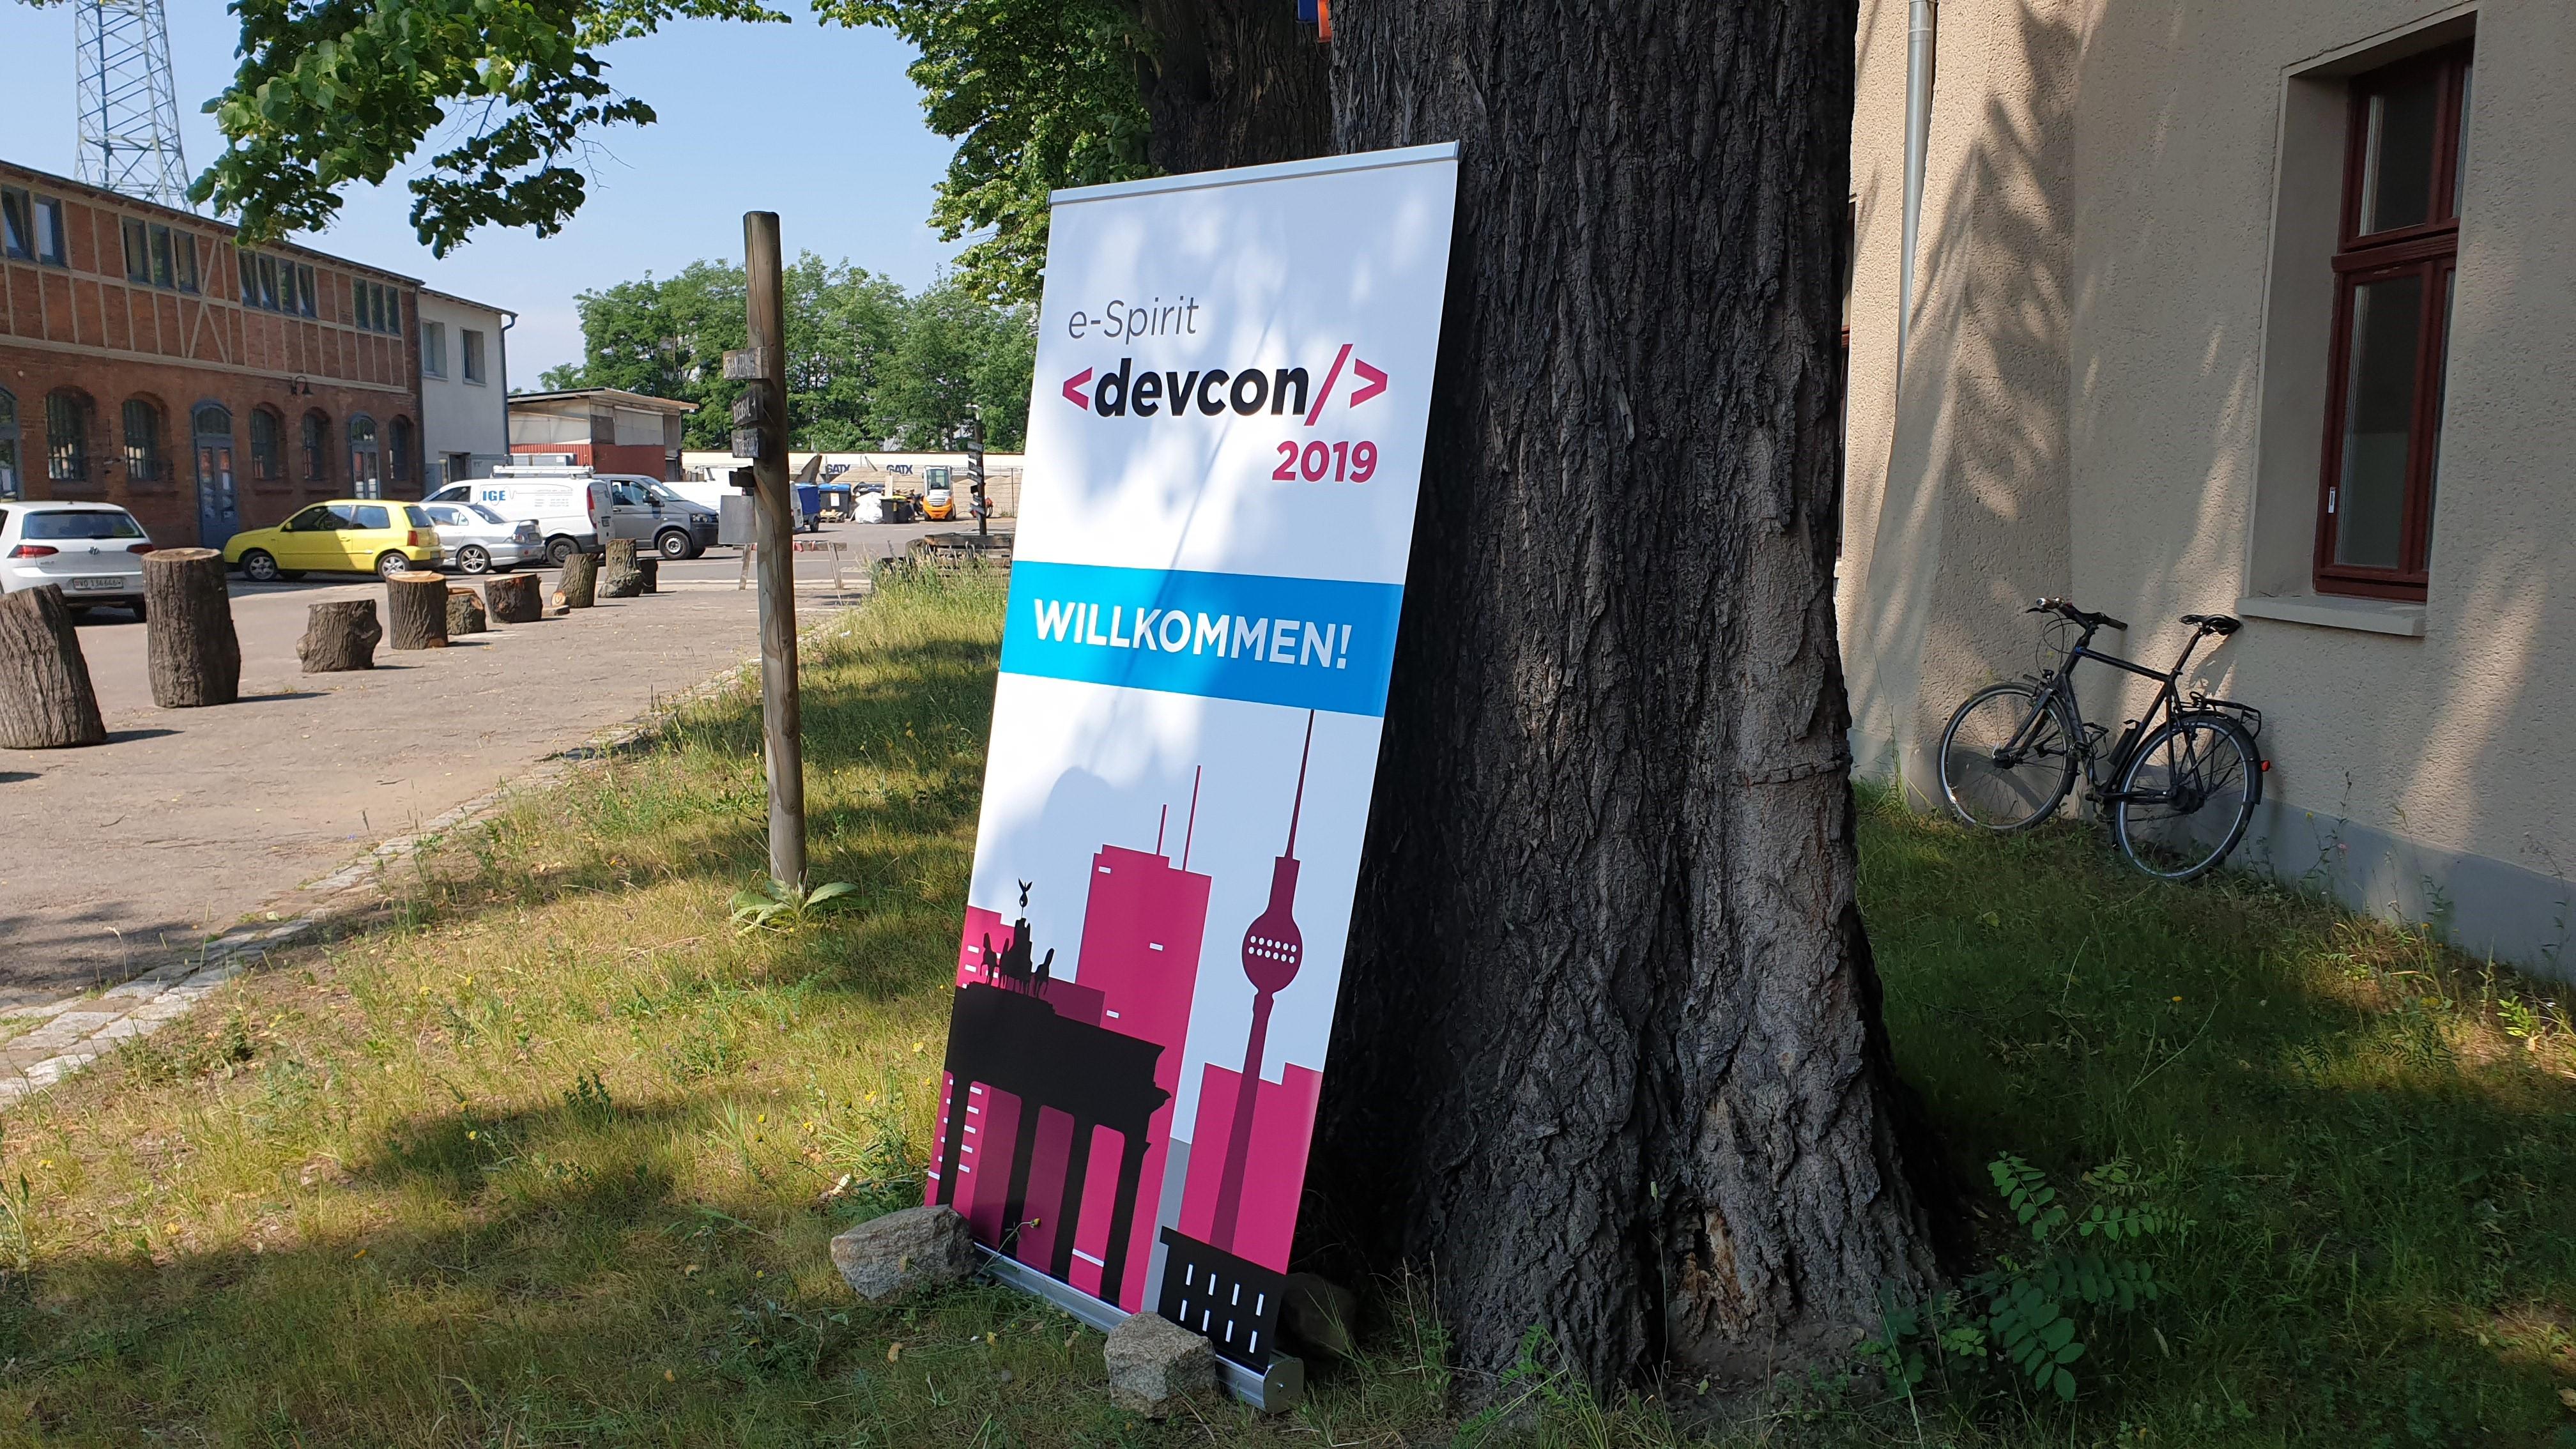 e-Spirit Devcon 2019 - ein gelungenes Event | asioso